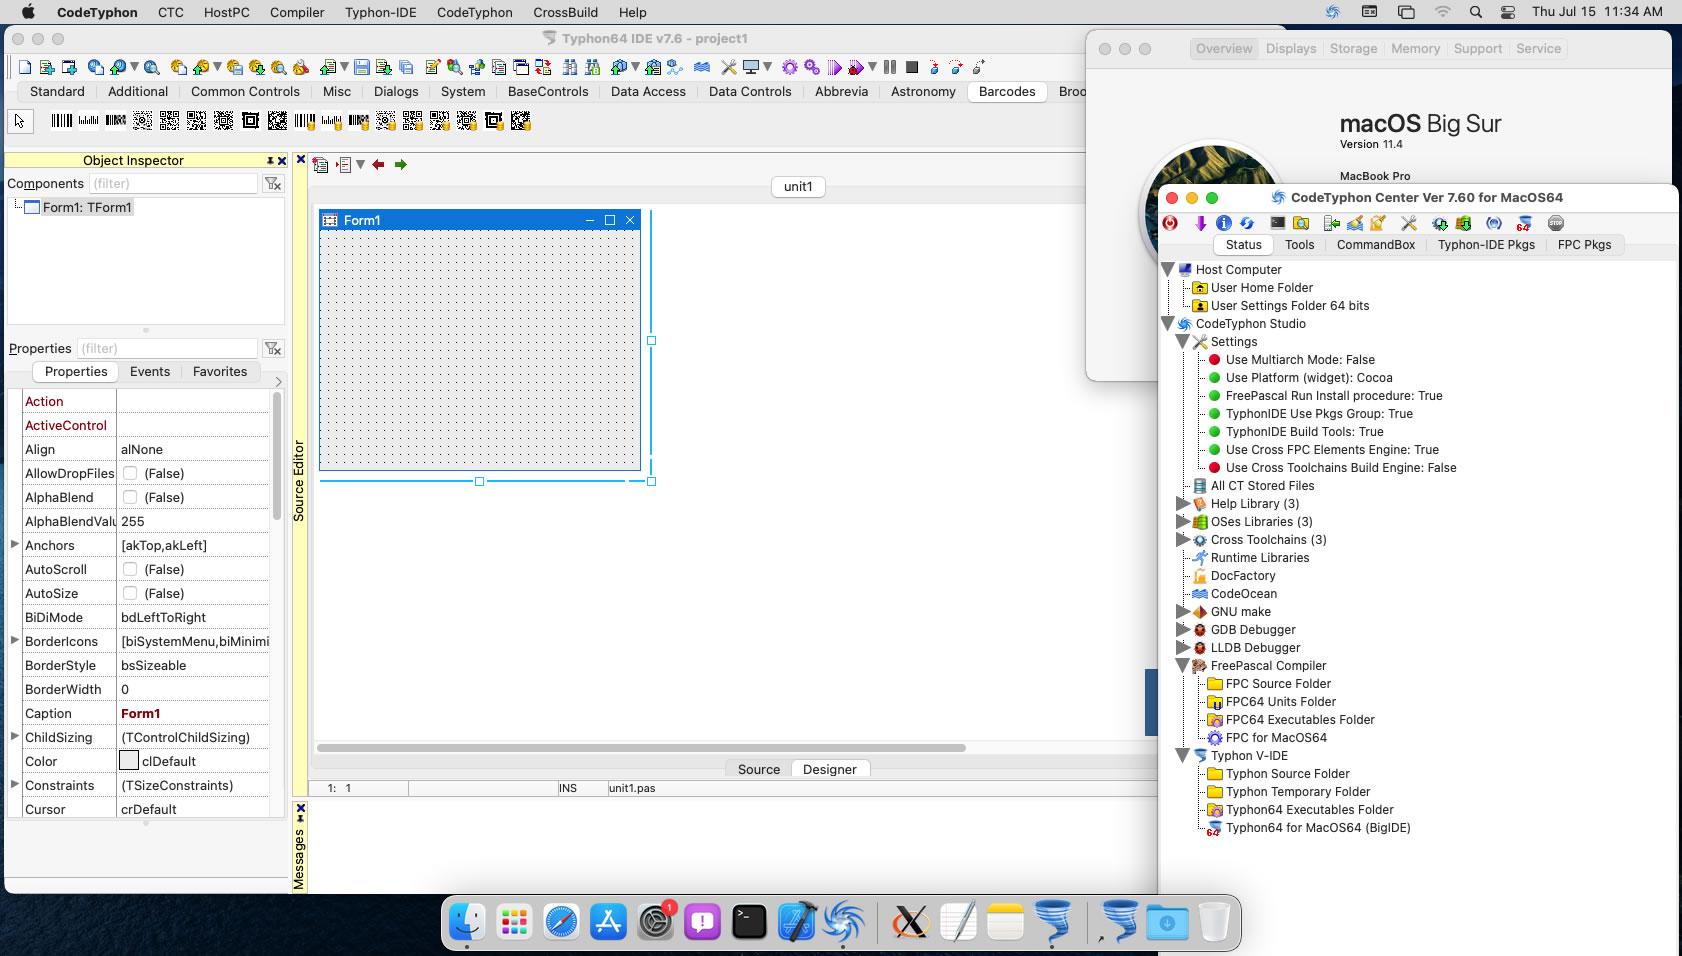 MacOS-BigSur-2021-07-15-21-34-17.jpg